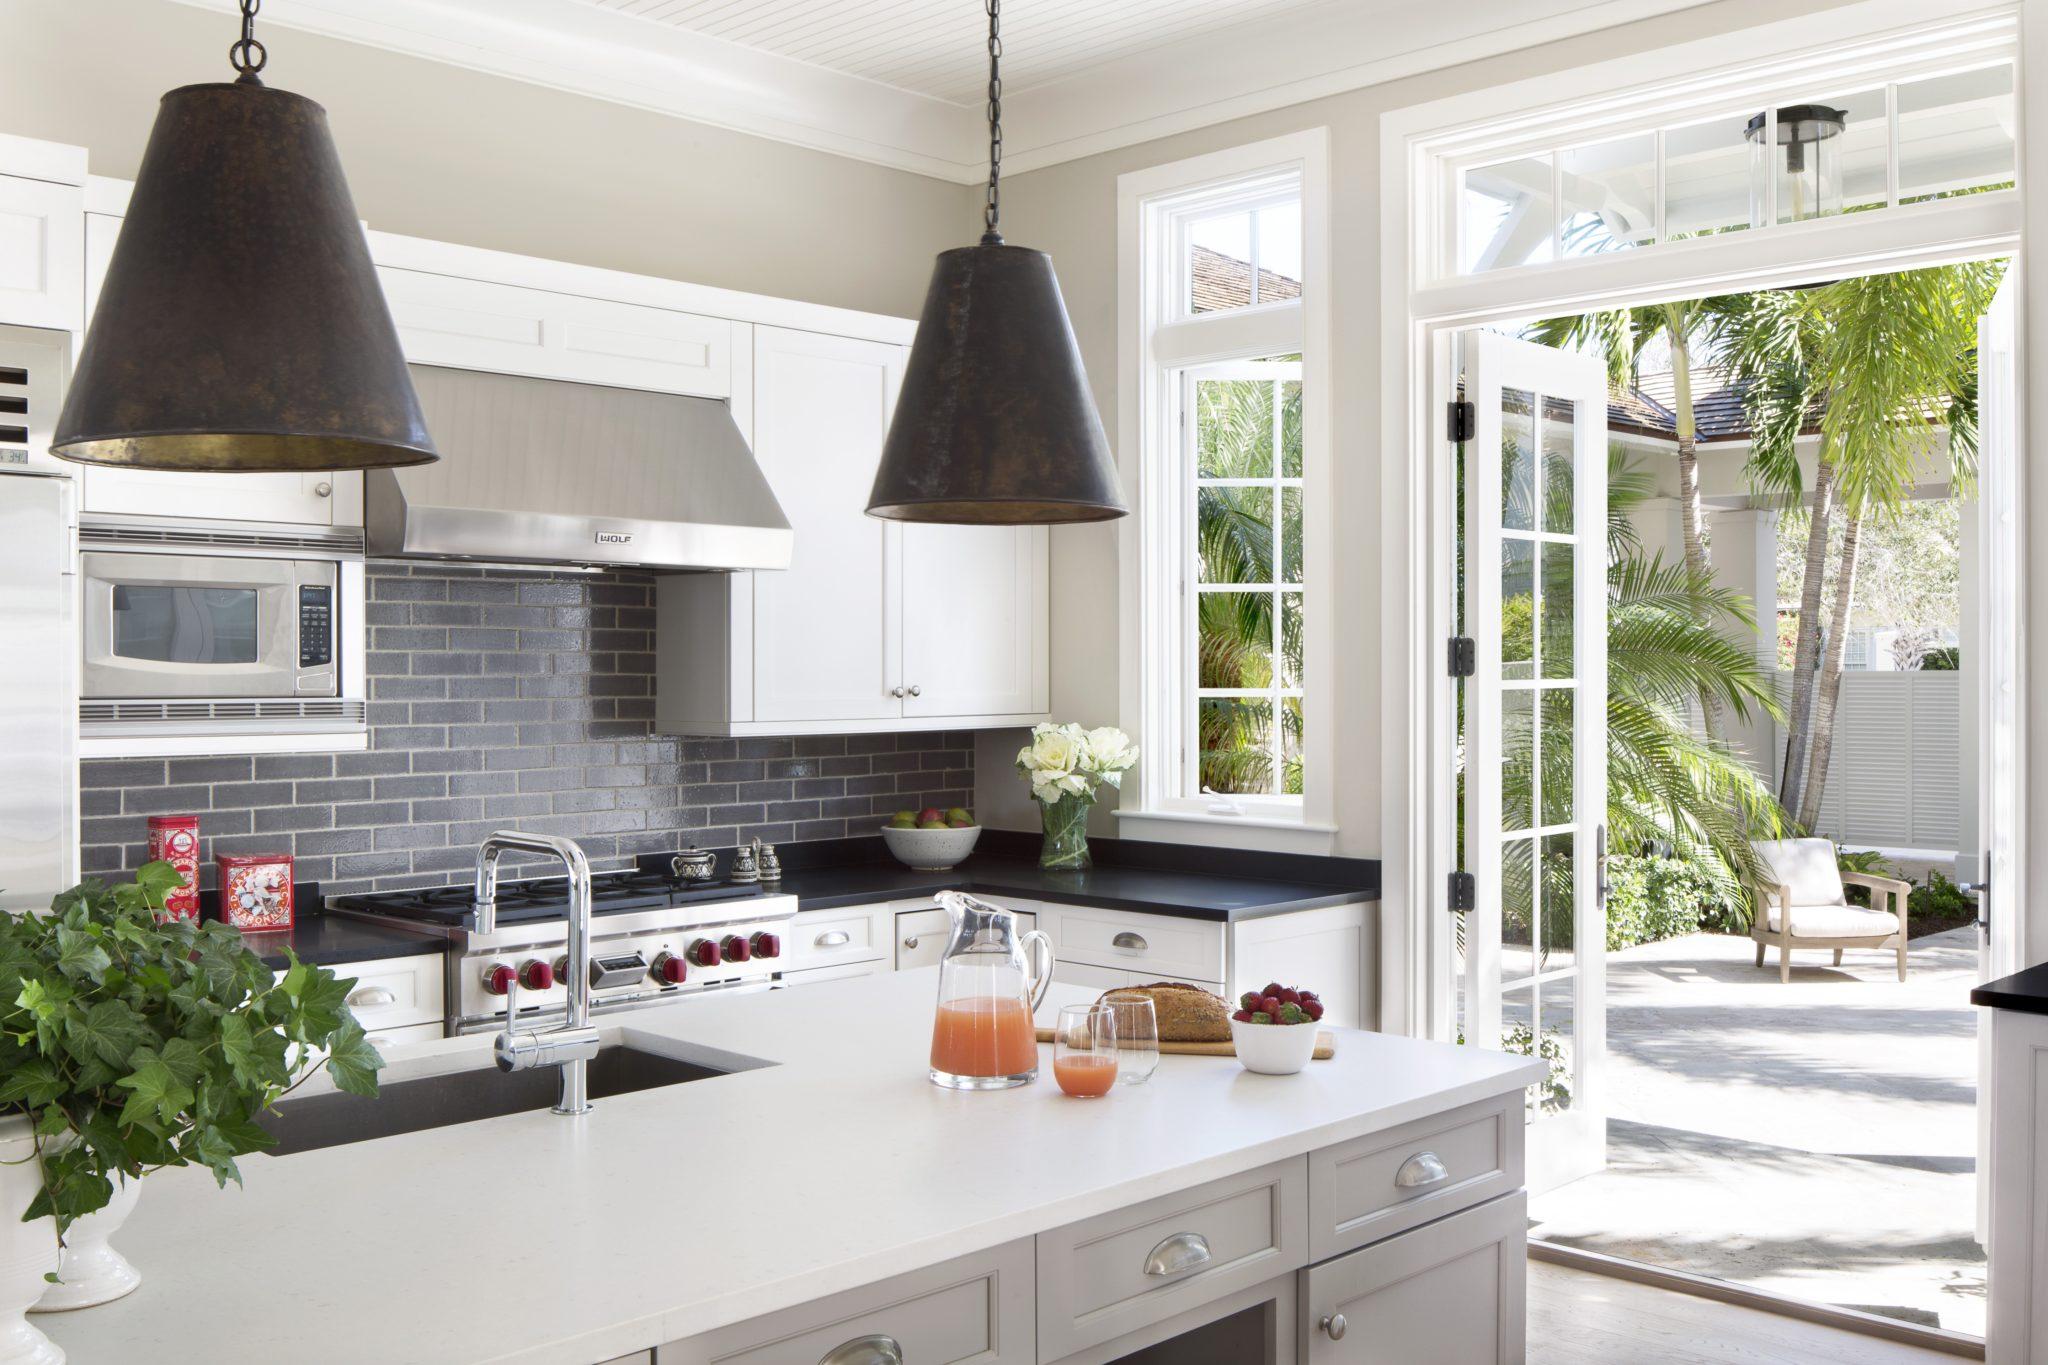 Modern Florida Kitchen - Vero Beach, FL by Greer Interior Design